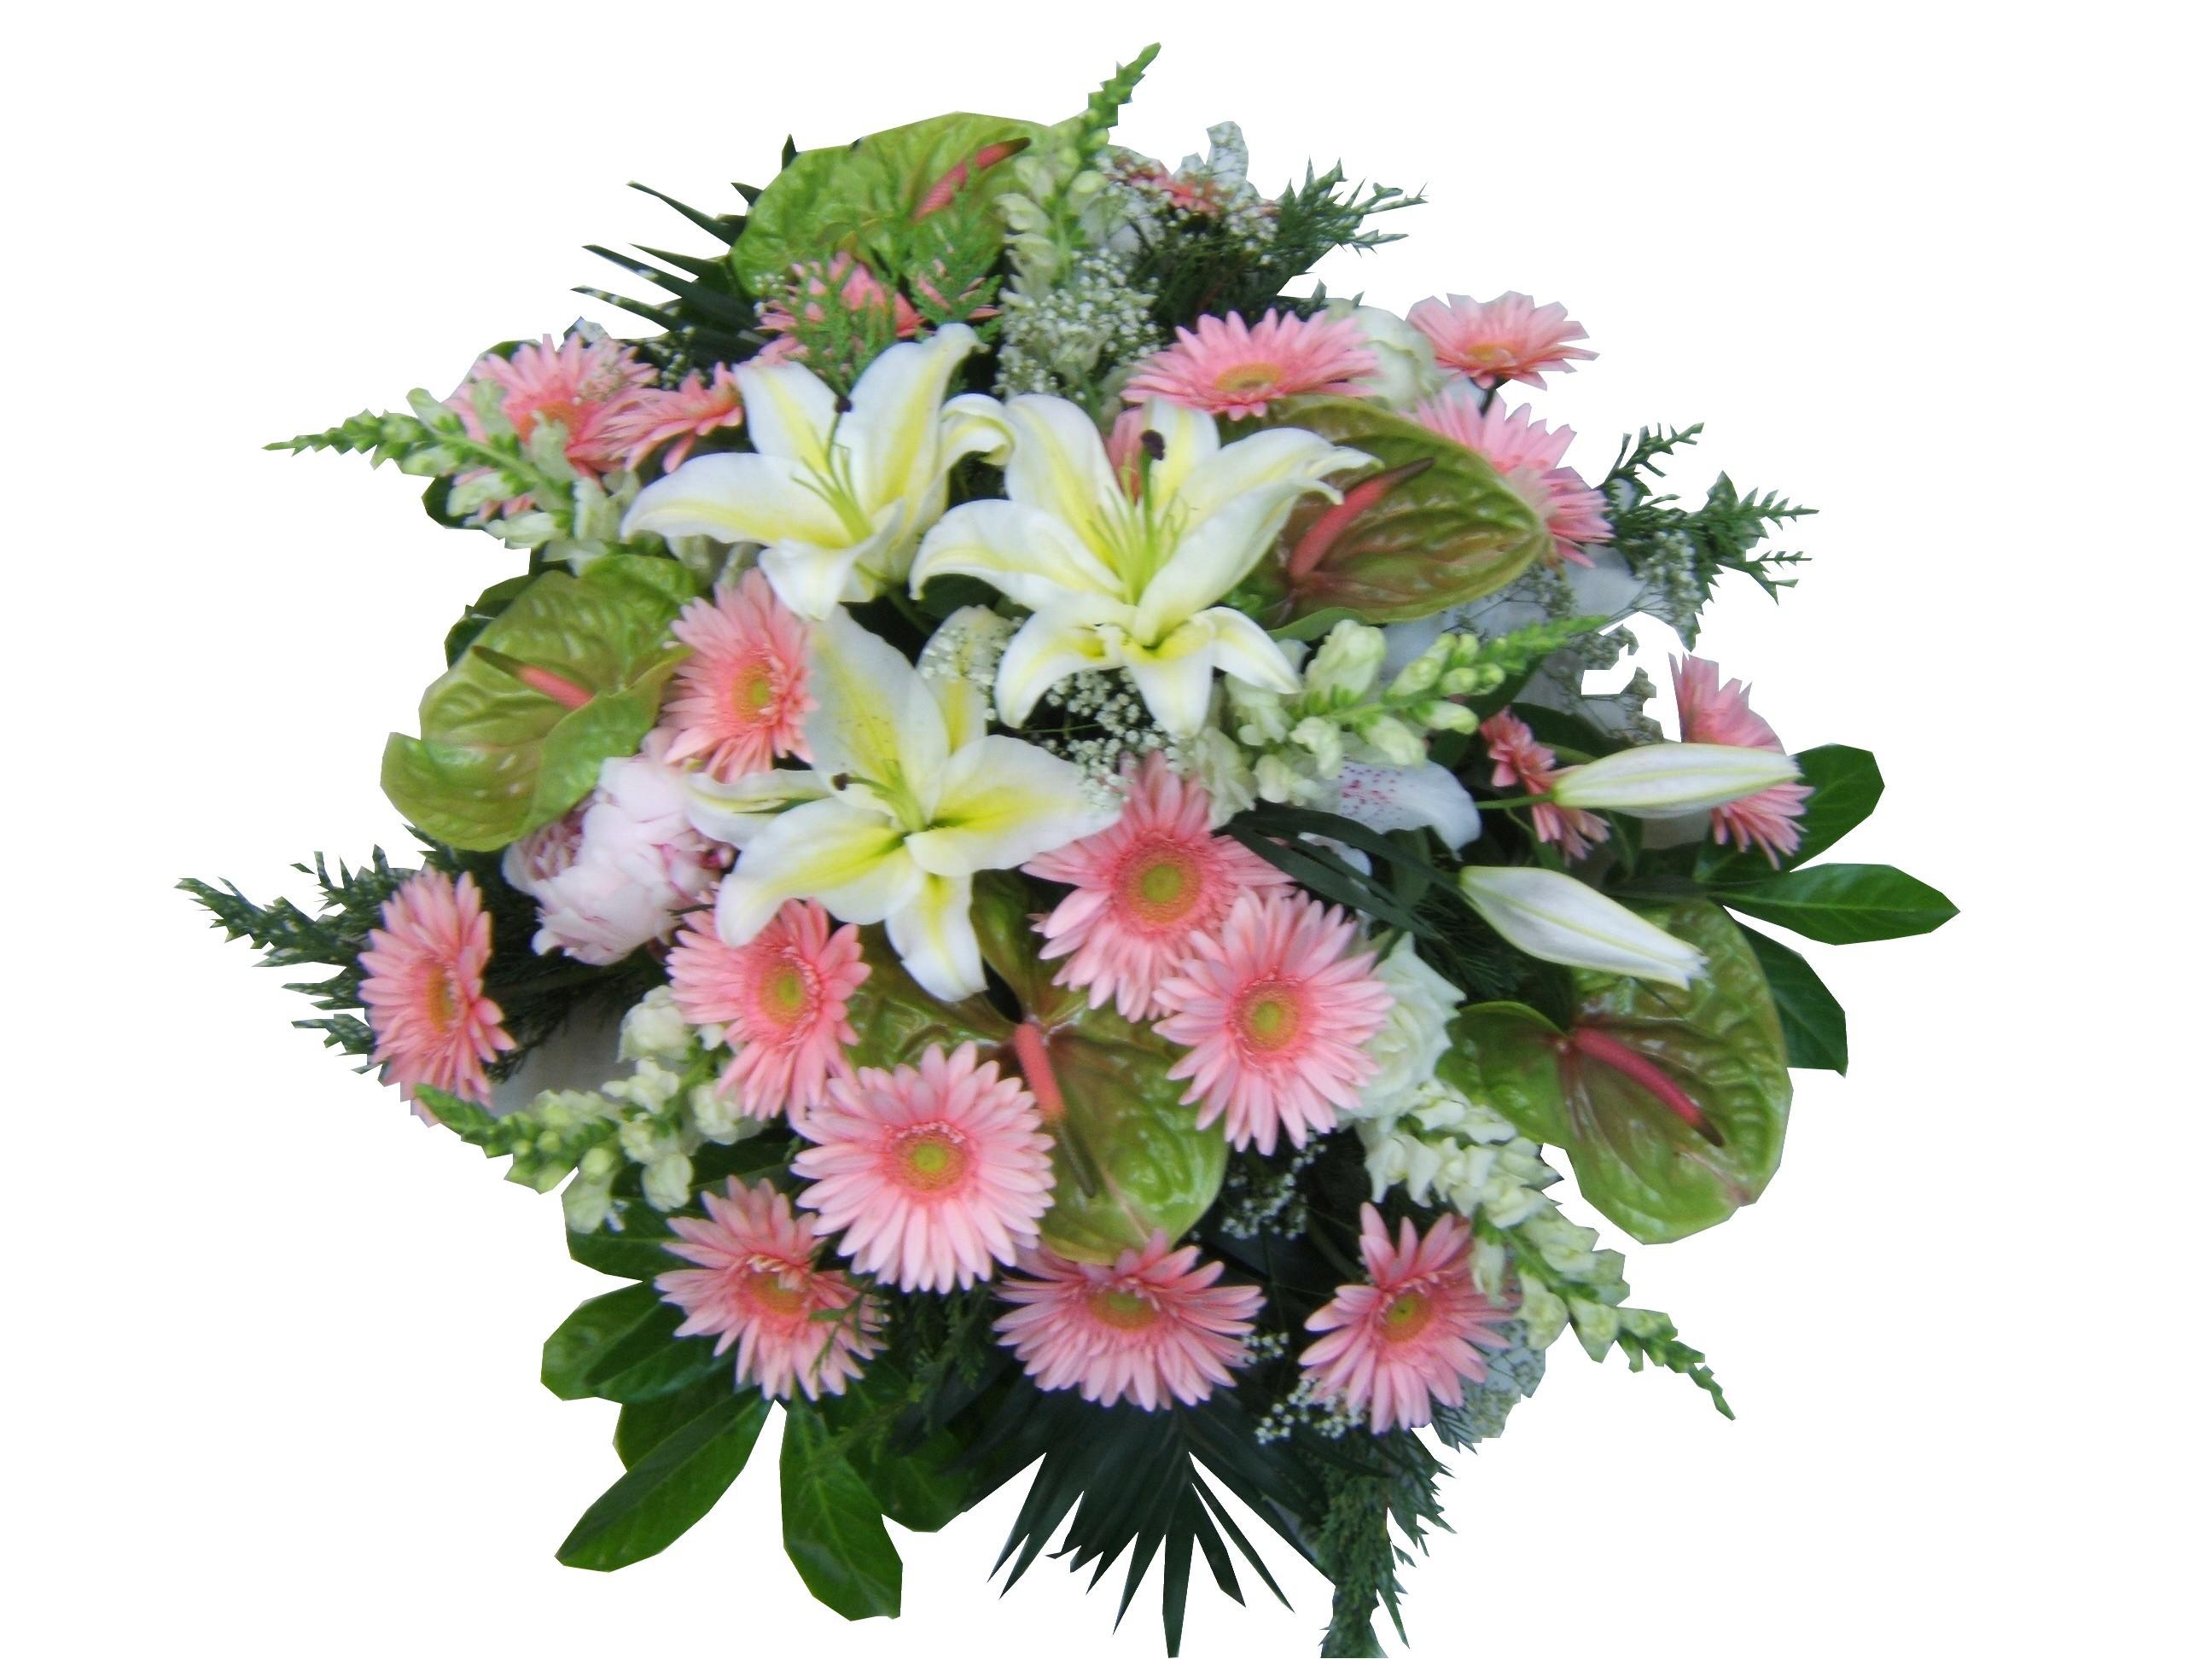 Coussin rond fun raire envoi fleurs cr mation coussin for Envoi fleurs deuil